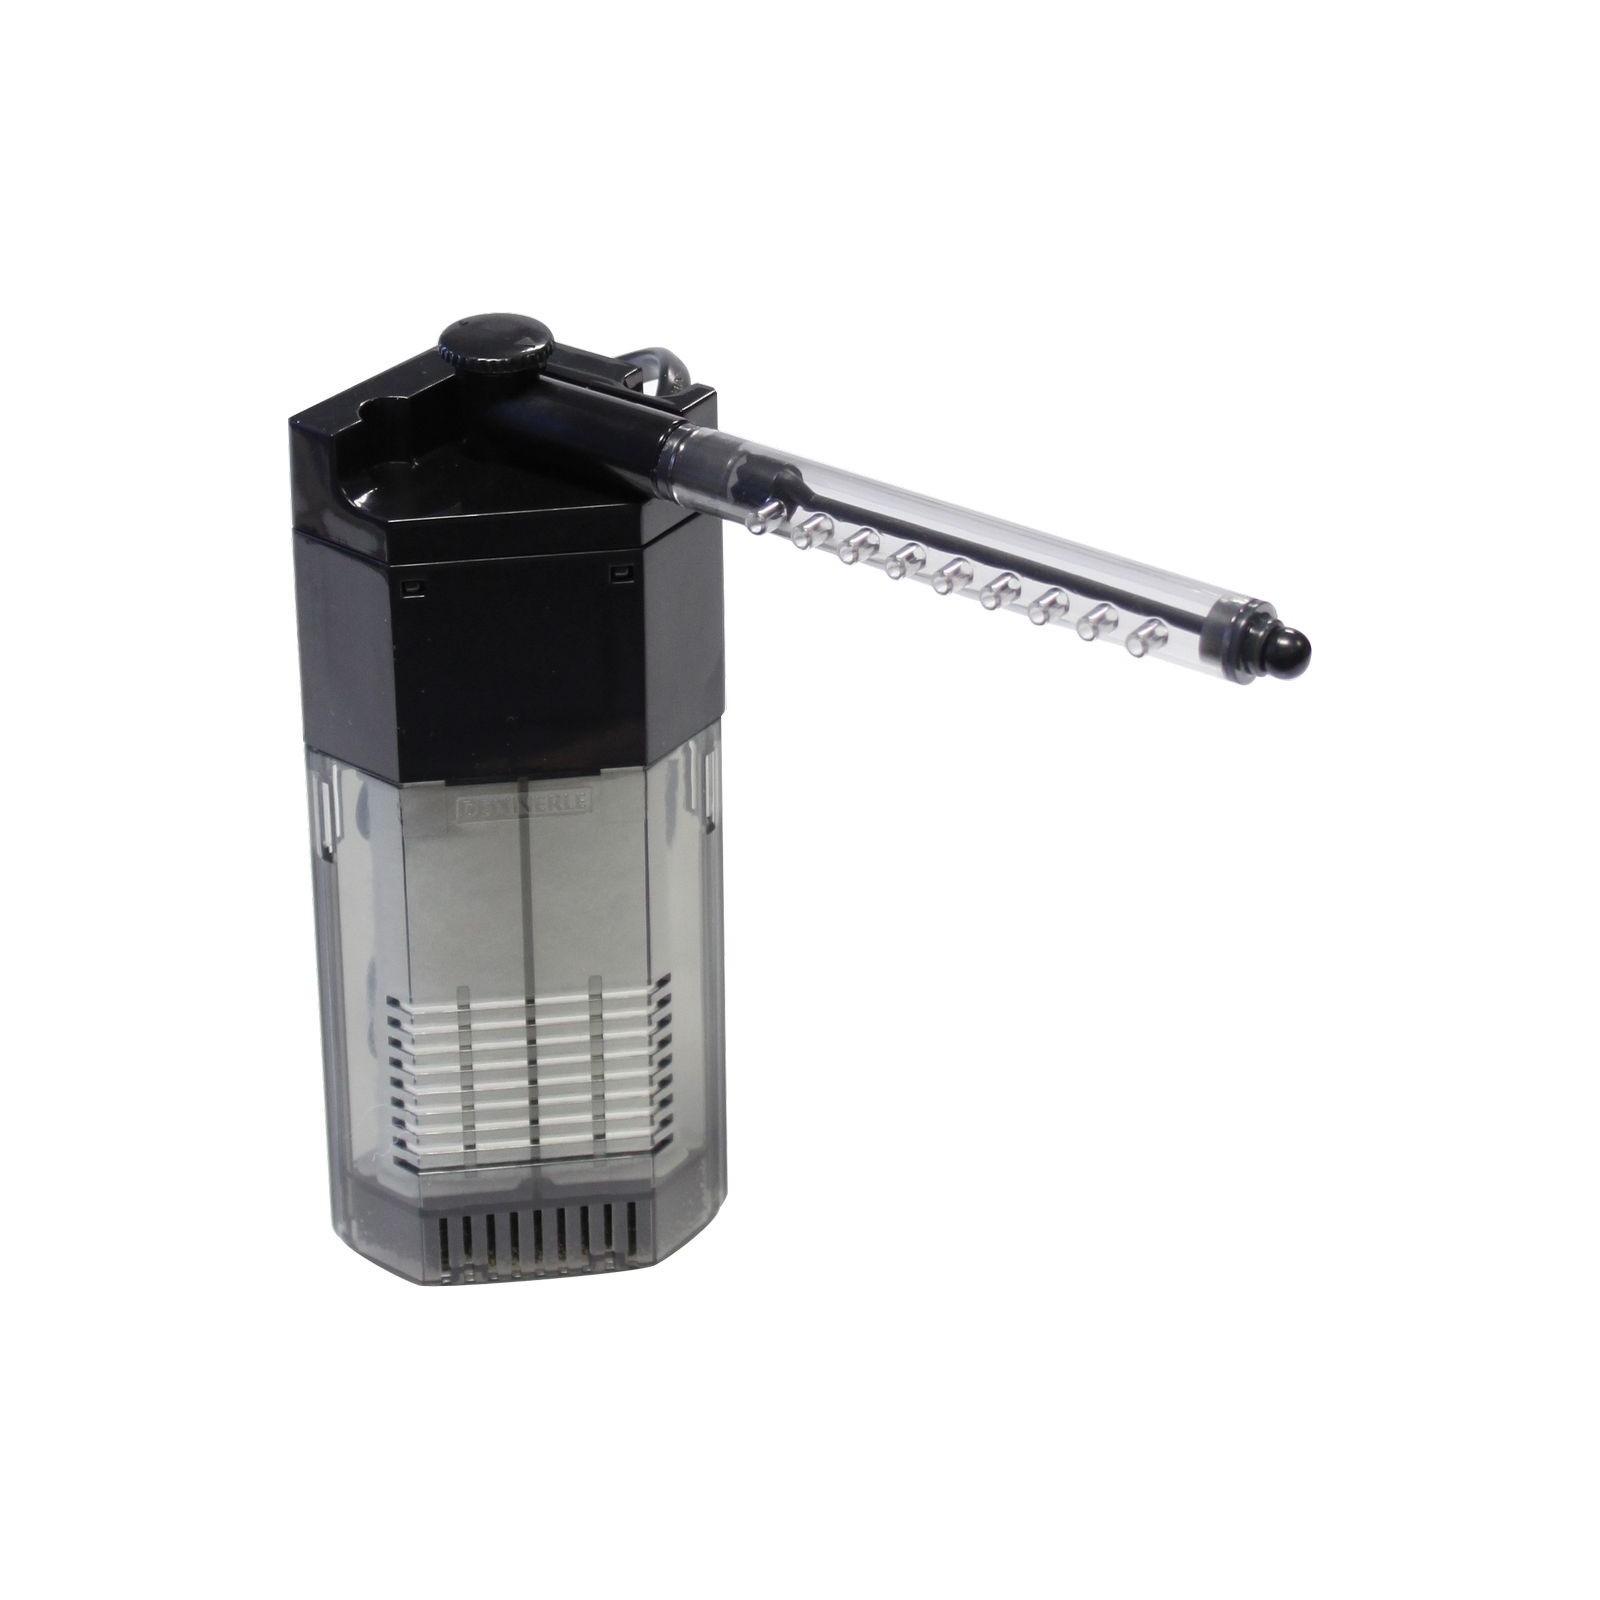 Dennerle 5925 Nano Filtro angolare compatto e ad alto rendimento per mini-acquari